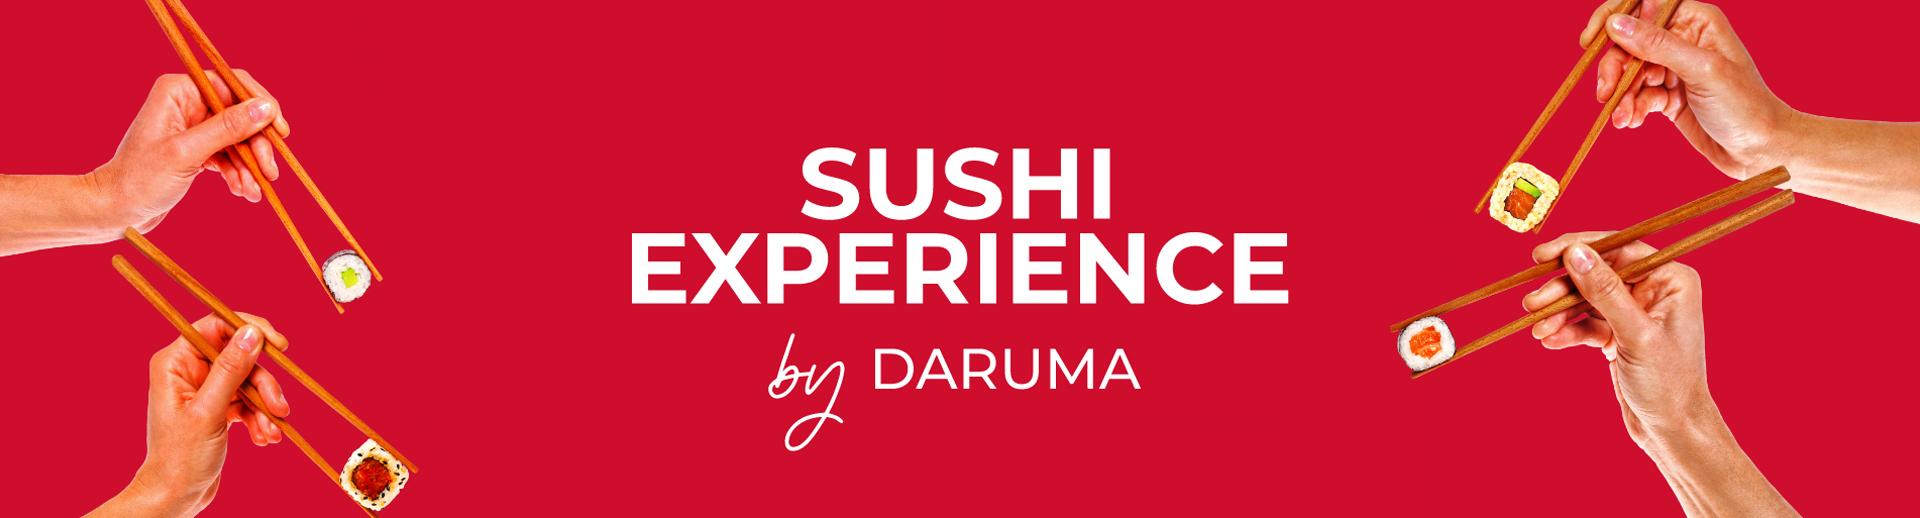 Daruma Week Header